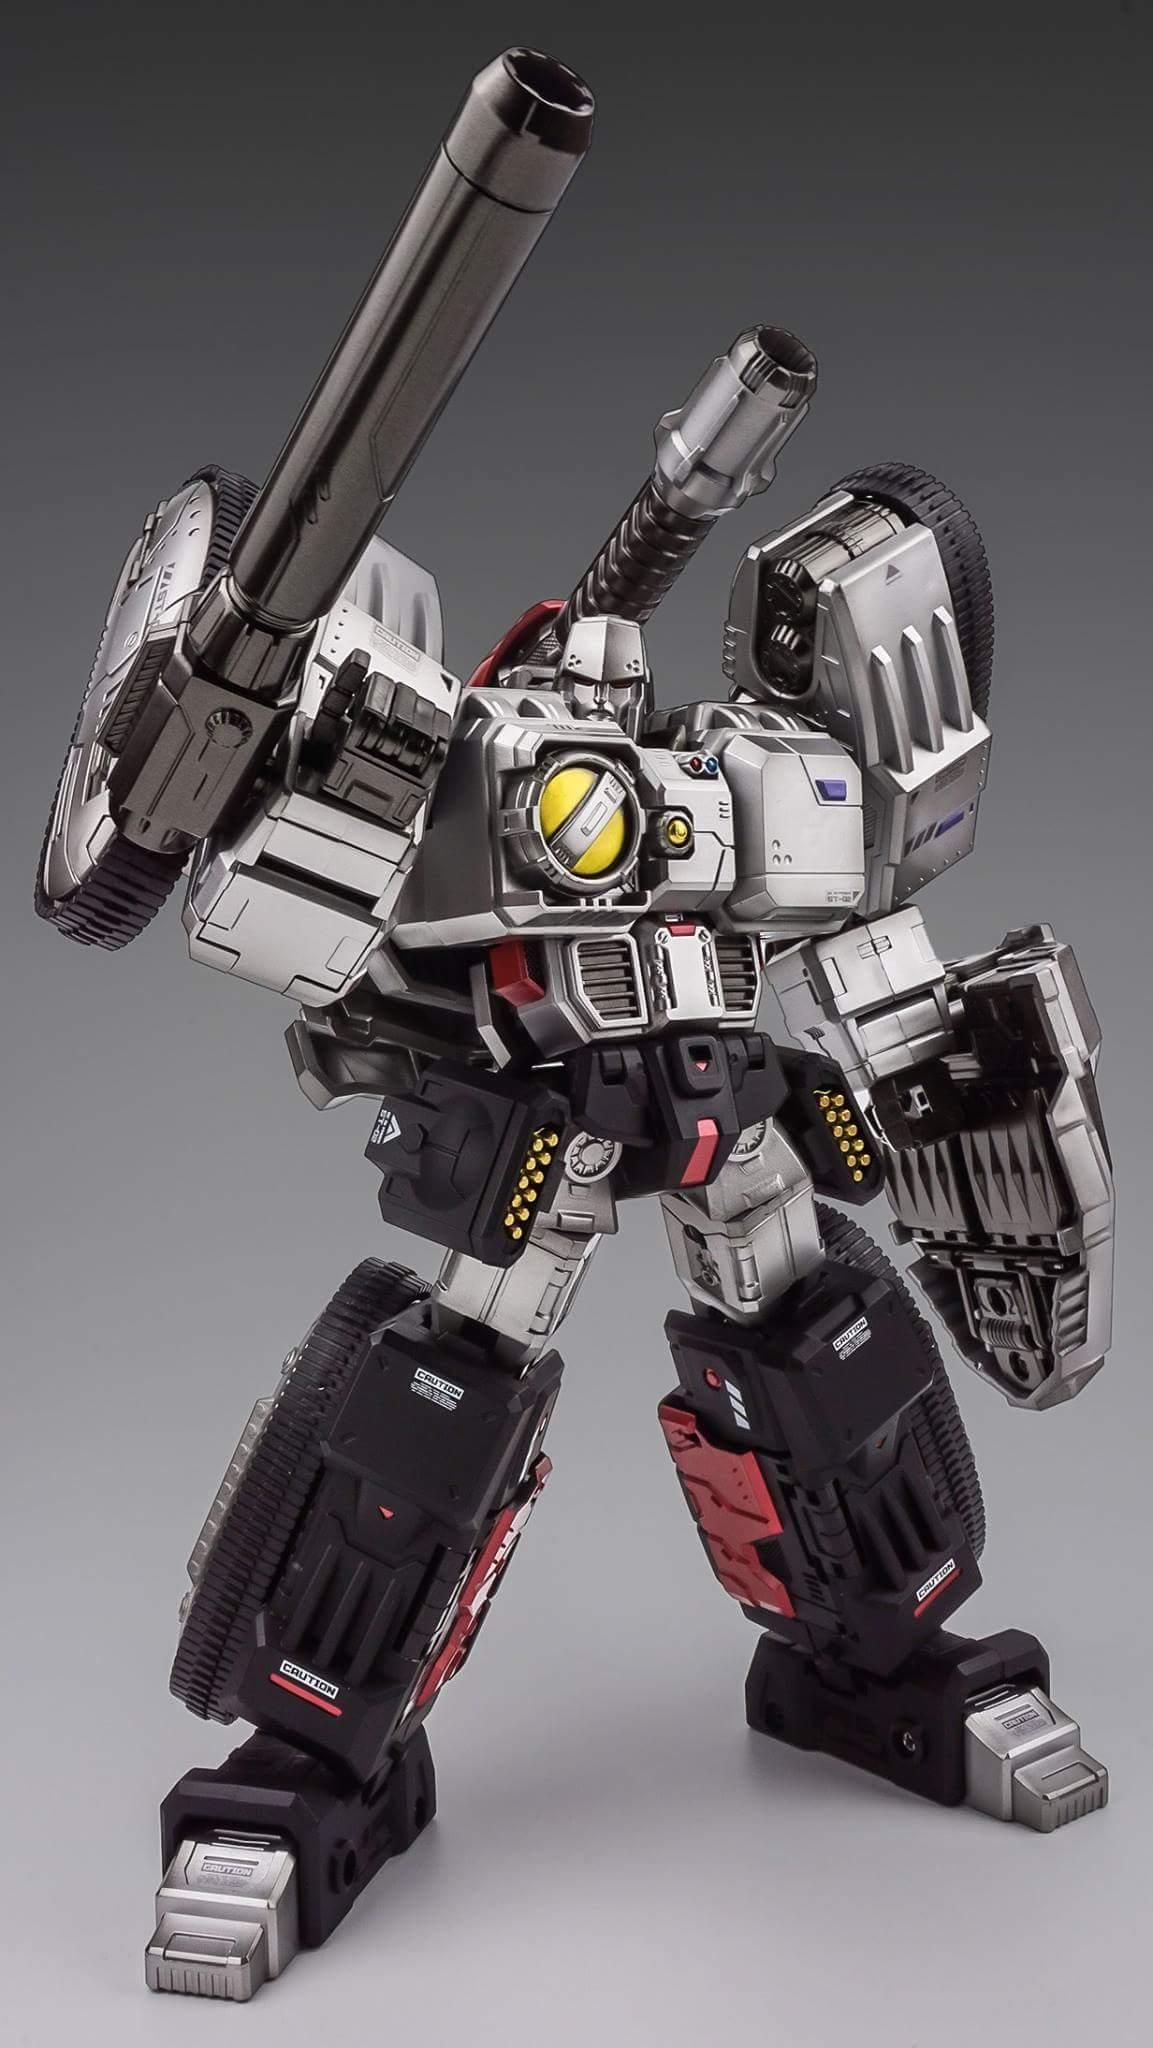 [SparkToys] Produit Tiers - ST - aka War Within: Optimus, Mégatron, Grimlock/La Menace, etc - Page 2 HzRVhrEx